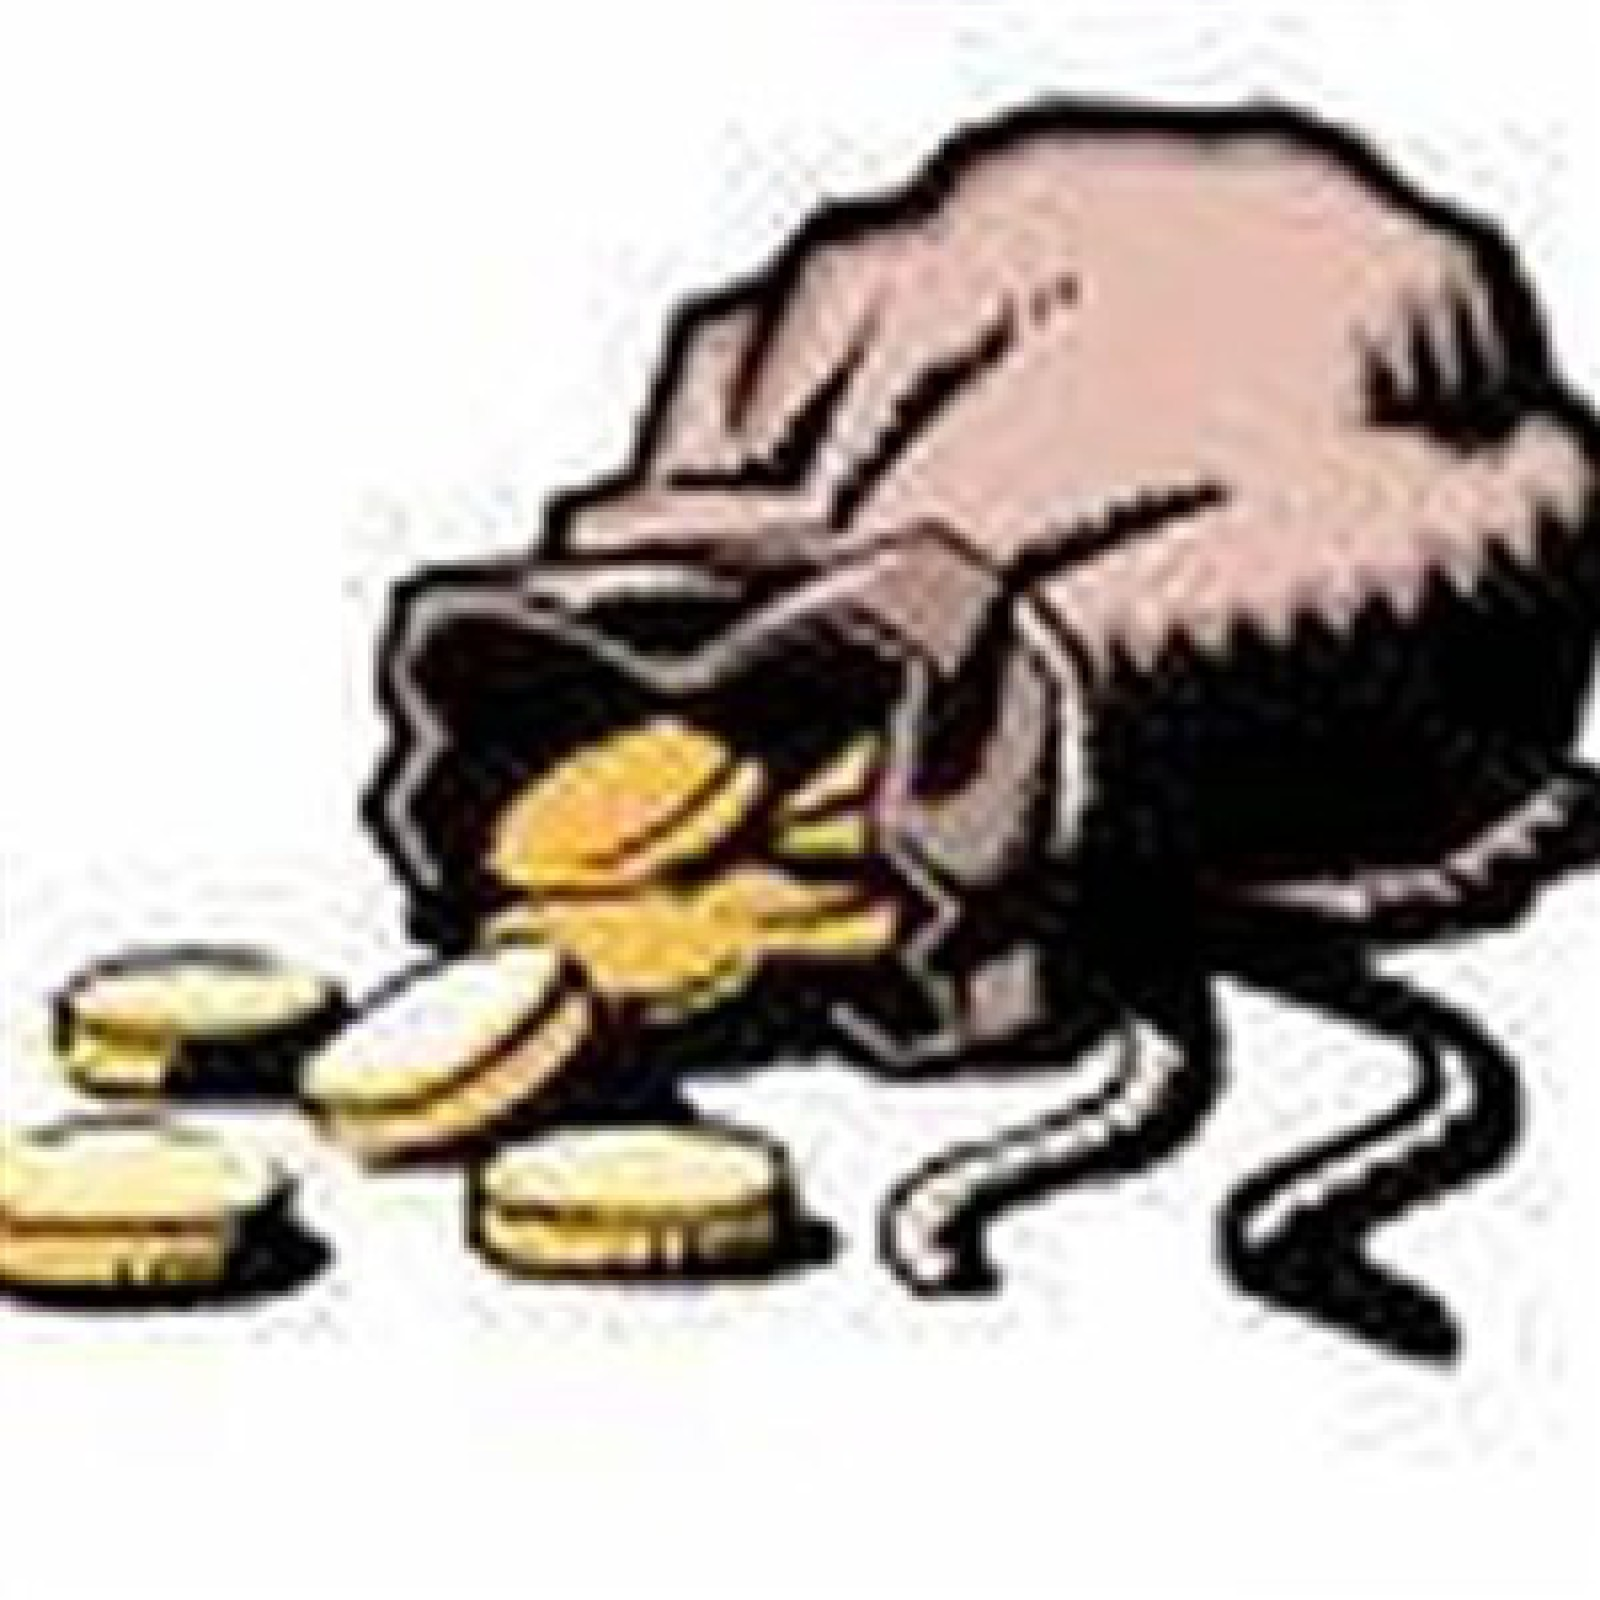 Rapporti bancari e ripetizione dell'indebito oggettivo: decorrenza degli interessi secondo le Sezioni Unite